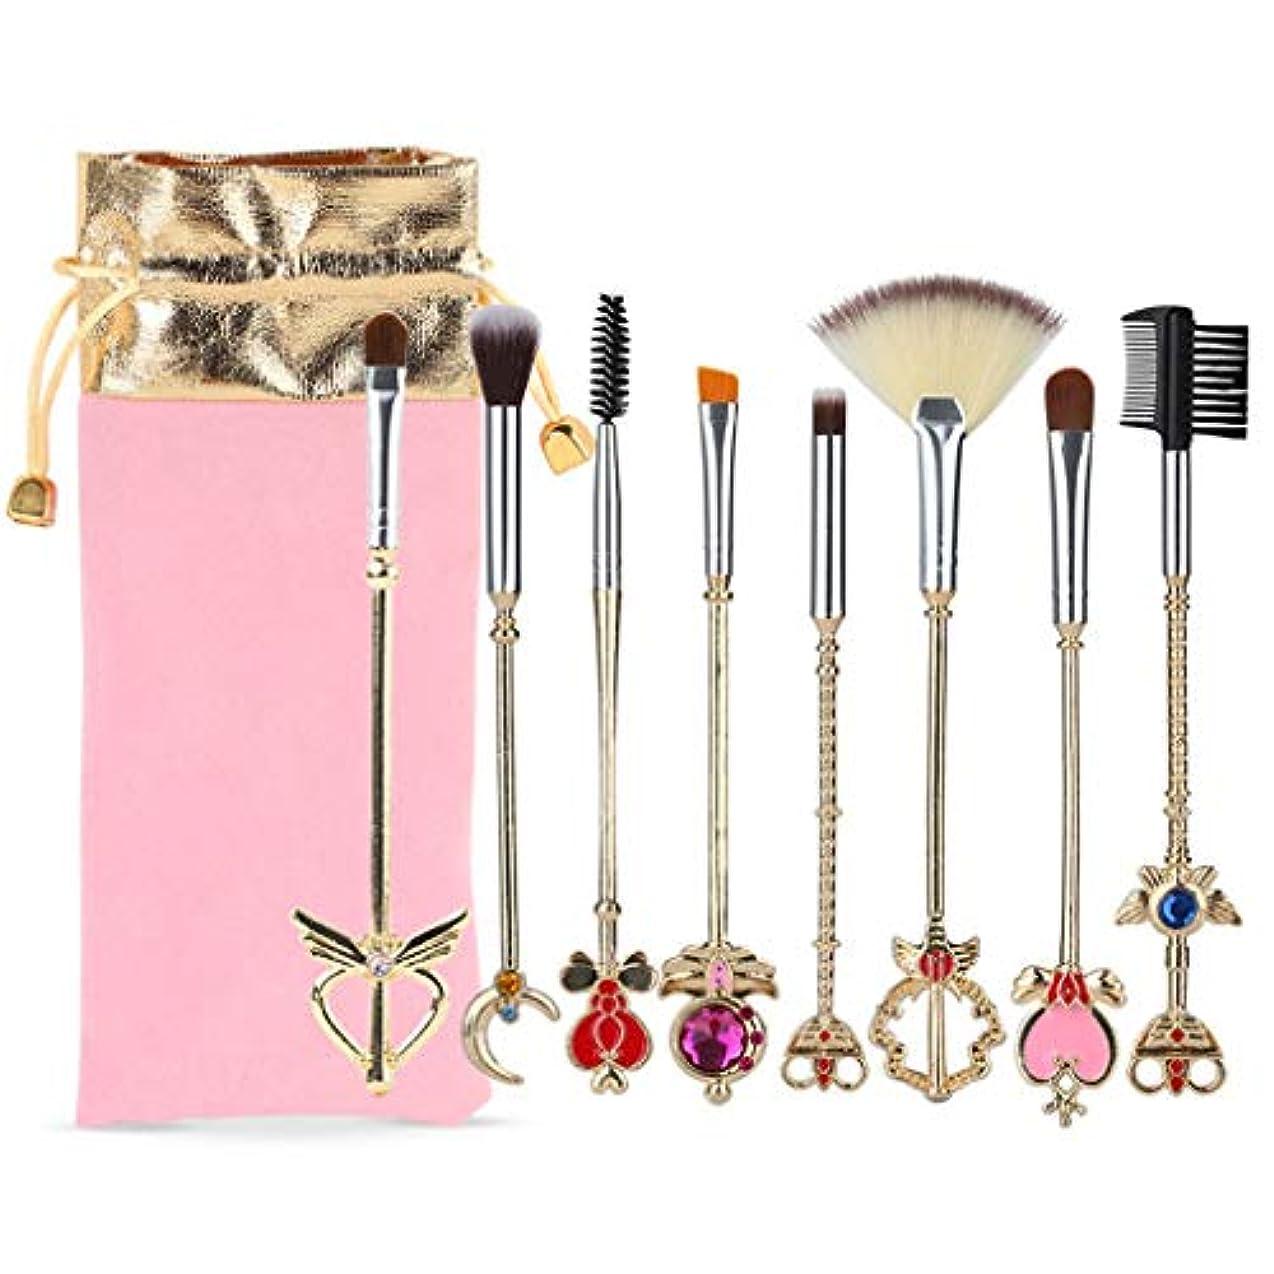 事業内容重要な役割を果たす、中心的な手段となるせっかち8化粧ブラシ美容ツールアメージング桜化粧ブラシ